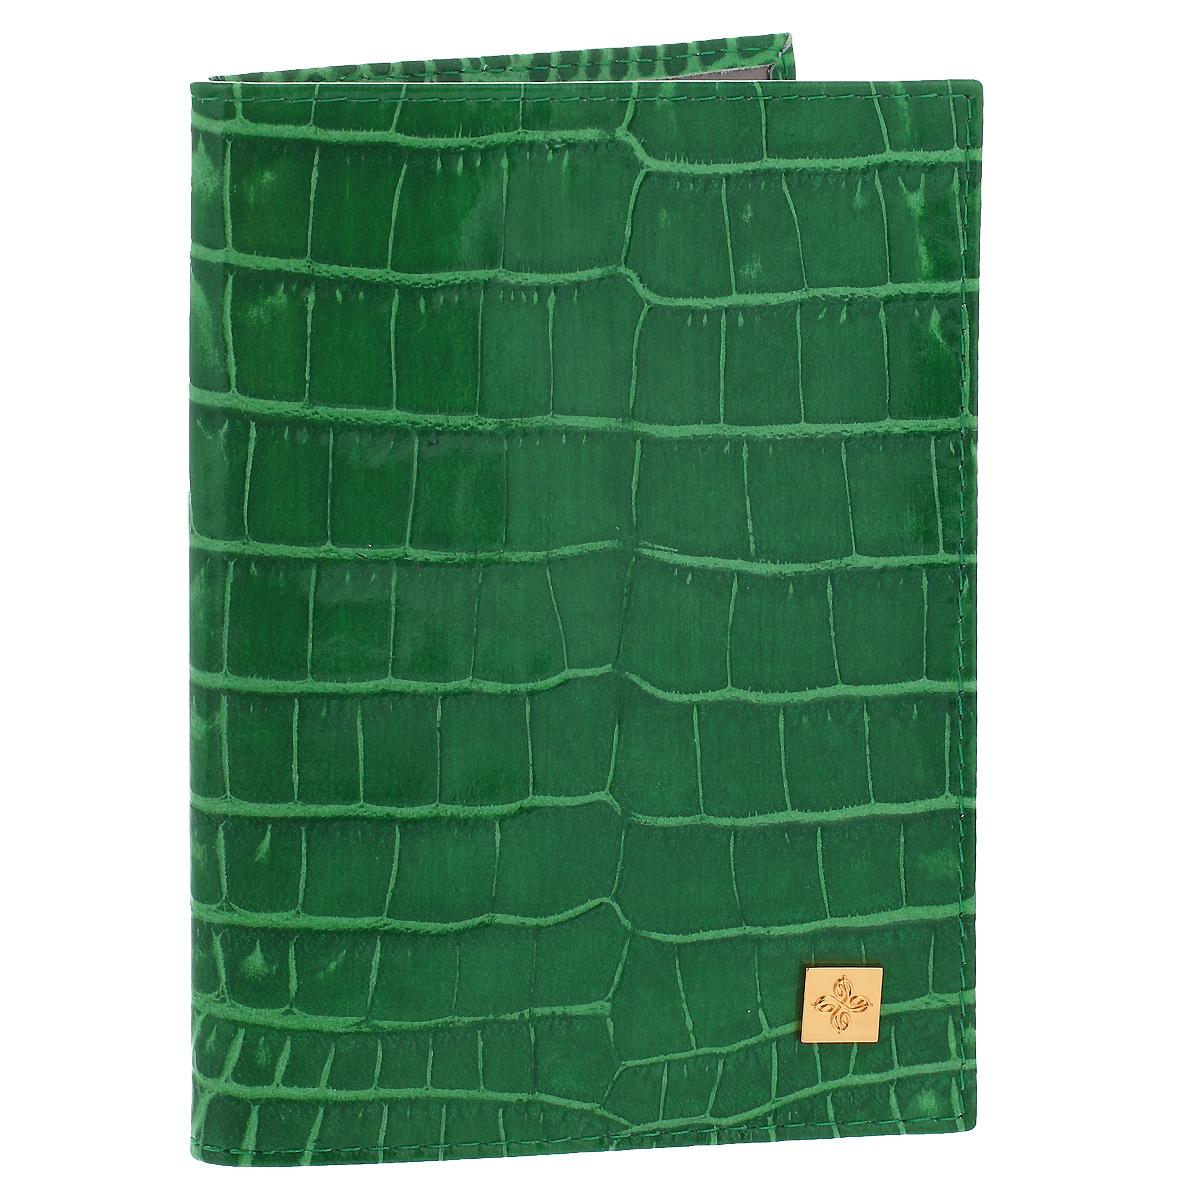 Обложка для паспорта Dimanche Казино, цвет: зеленый. 980980Обложка для паспорта Казино выполнена из натуральной кожи с декоративным тиснением под крокодила. На внутреннем развороте - два кармашка из прозрачного пластика. Обложка не только поможет сохранить внешний вид ваших документов и защитит их от повреждений, но и станет стильным аксессуаром, который подчеркнет ваш неповторимый стиль. Обложка упакована в коробку из плотного картона с логотипом фирмы. Характеристики: Материал: натуральная кожа, ПВХ. Цвет: зеленый Размер обложки: 9,5 см х 13,5 см х 1,5 см.